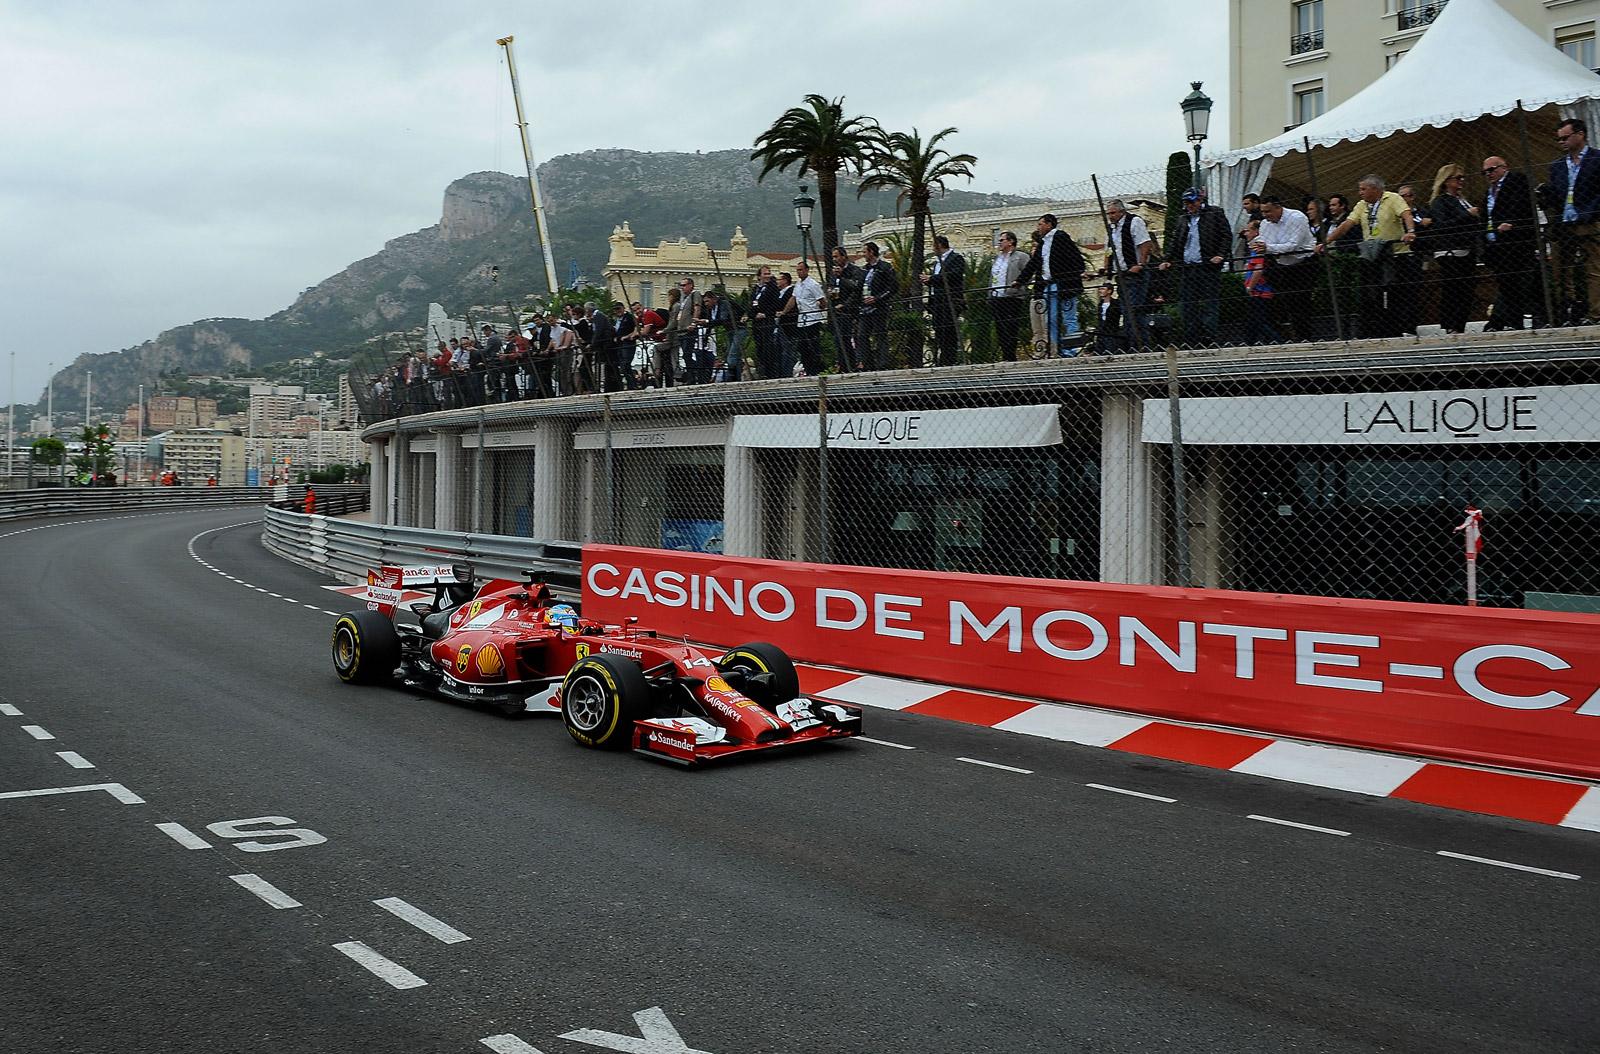 2014 Formula One Monaco Grand Prix Preview